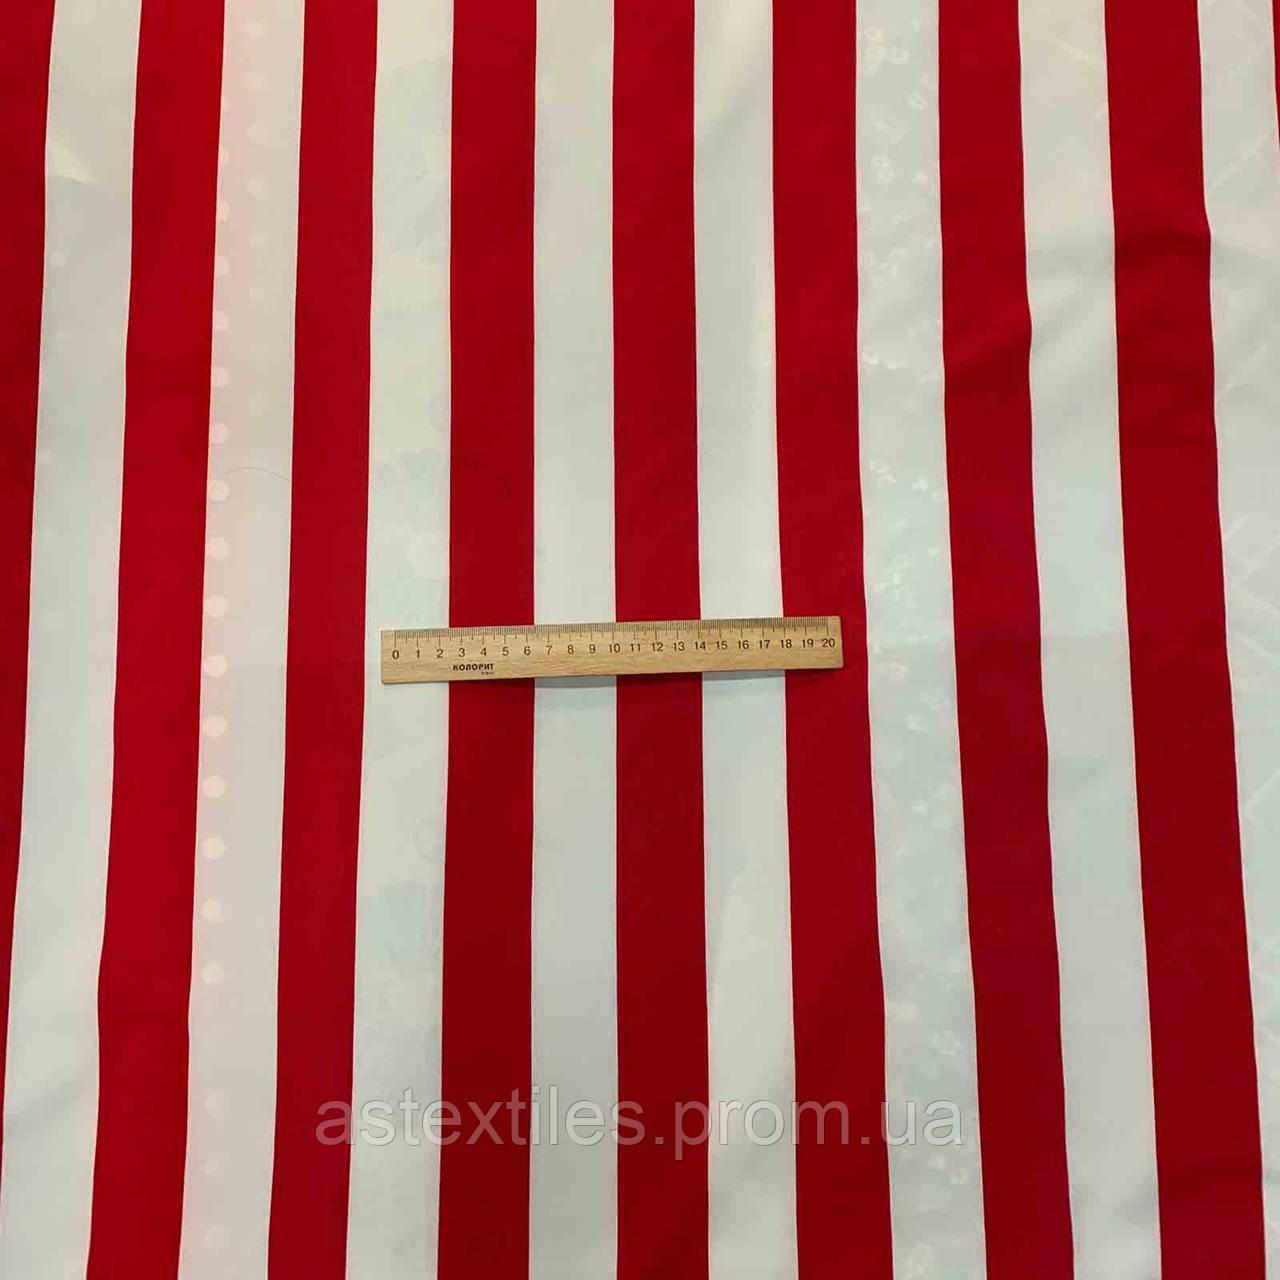 Супер софт принт (червона і біла широка смуга)